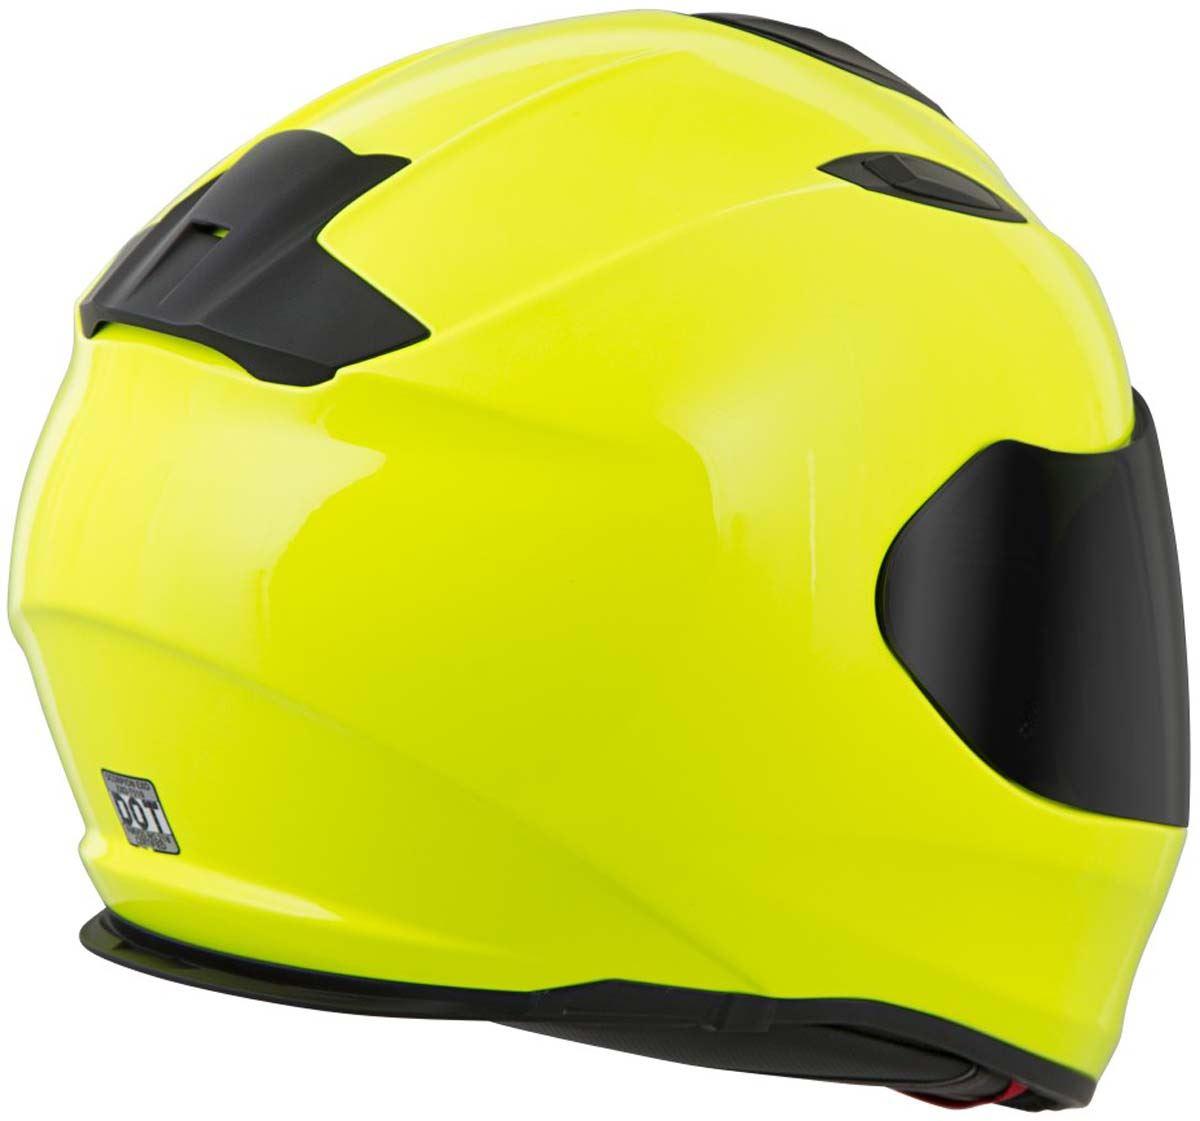 Scorpion-EXO-T510-Helmet-Full-Face-DOT-Approved-Inner-Sun-Shield miniature 18